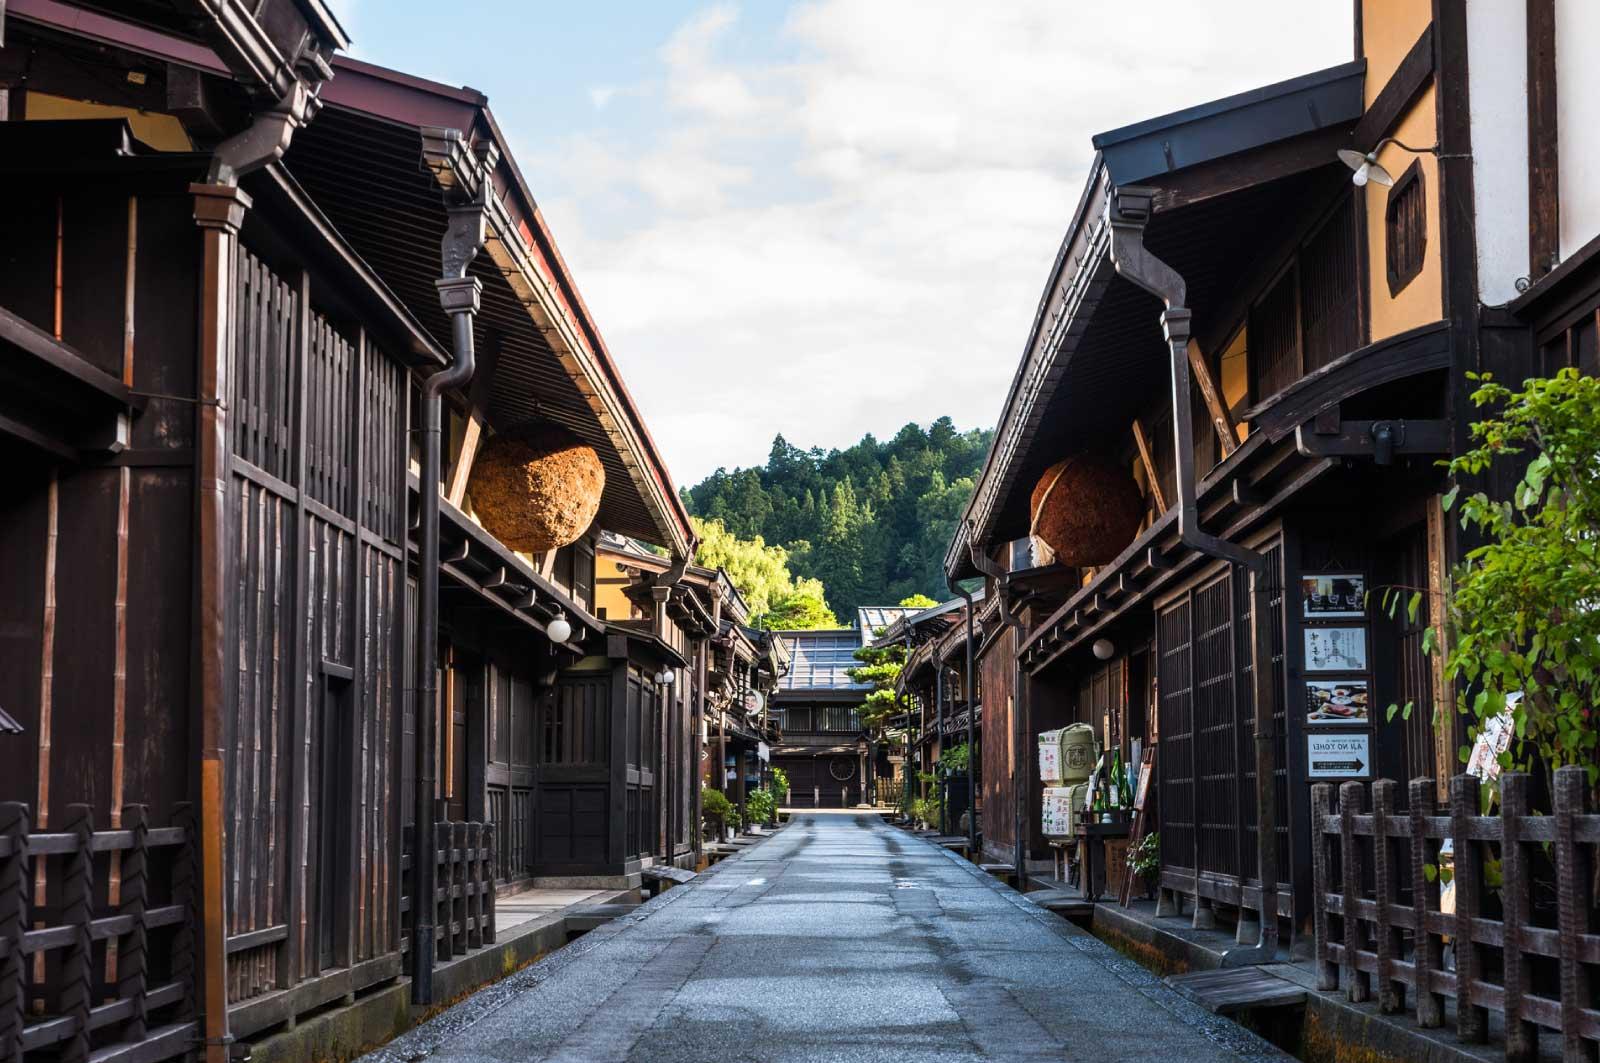 岐阜県は美濃焼の地域として知られる、焼き物の町